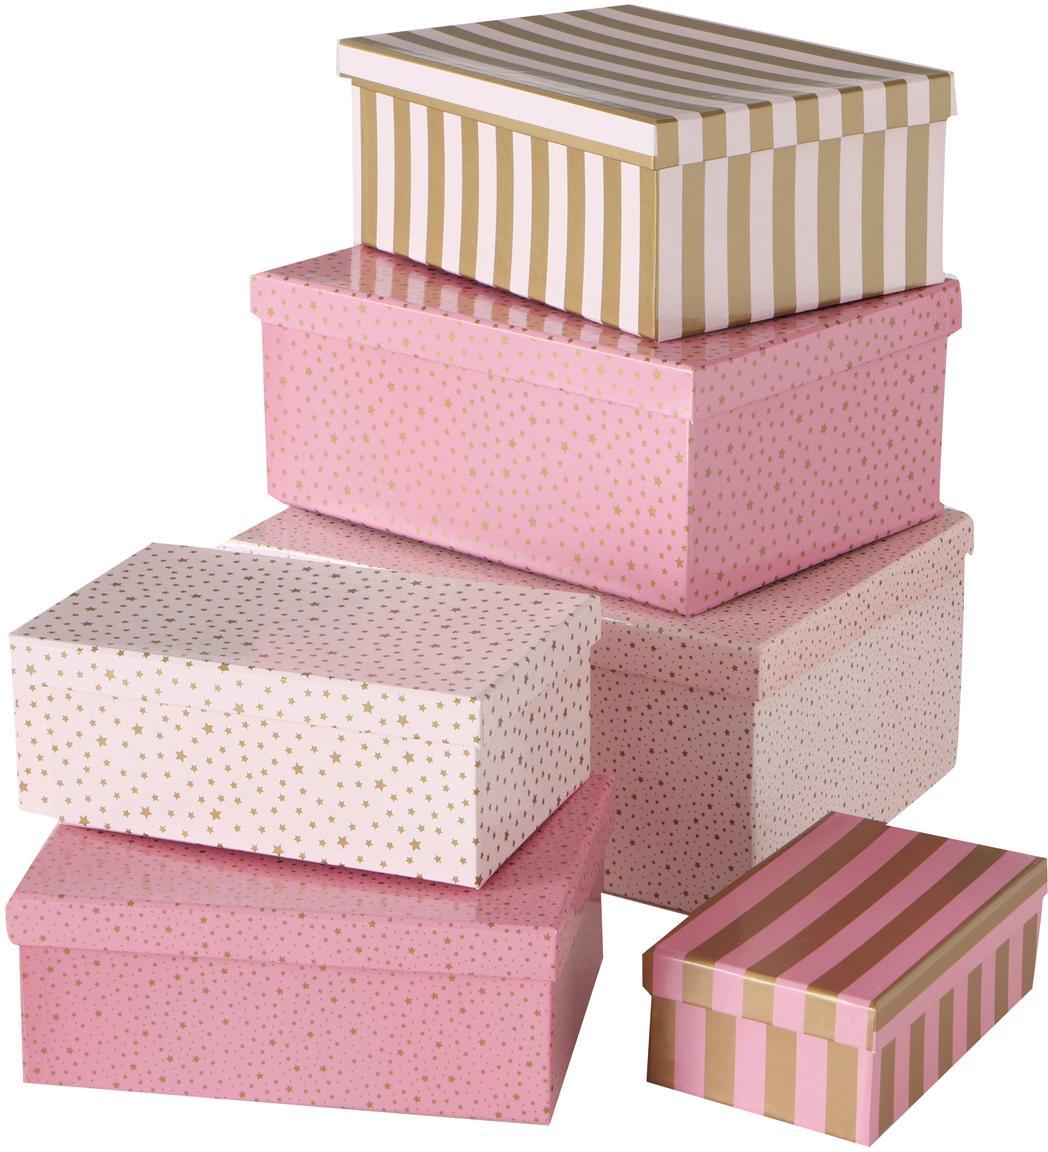 Geschenkbox-Set Marit, 6-tlg., Papier, Rosatöne, Goldfarben, Sondergrößen